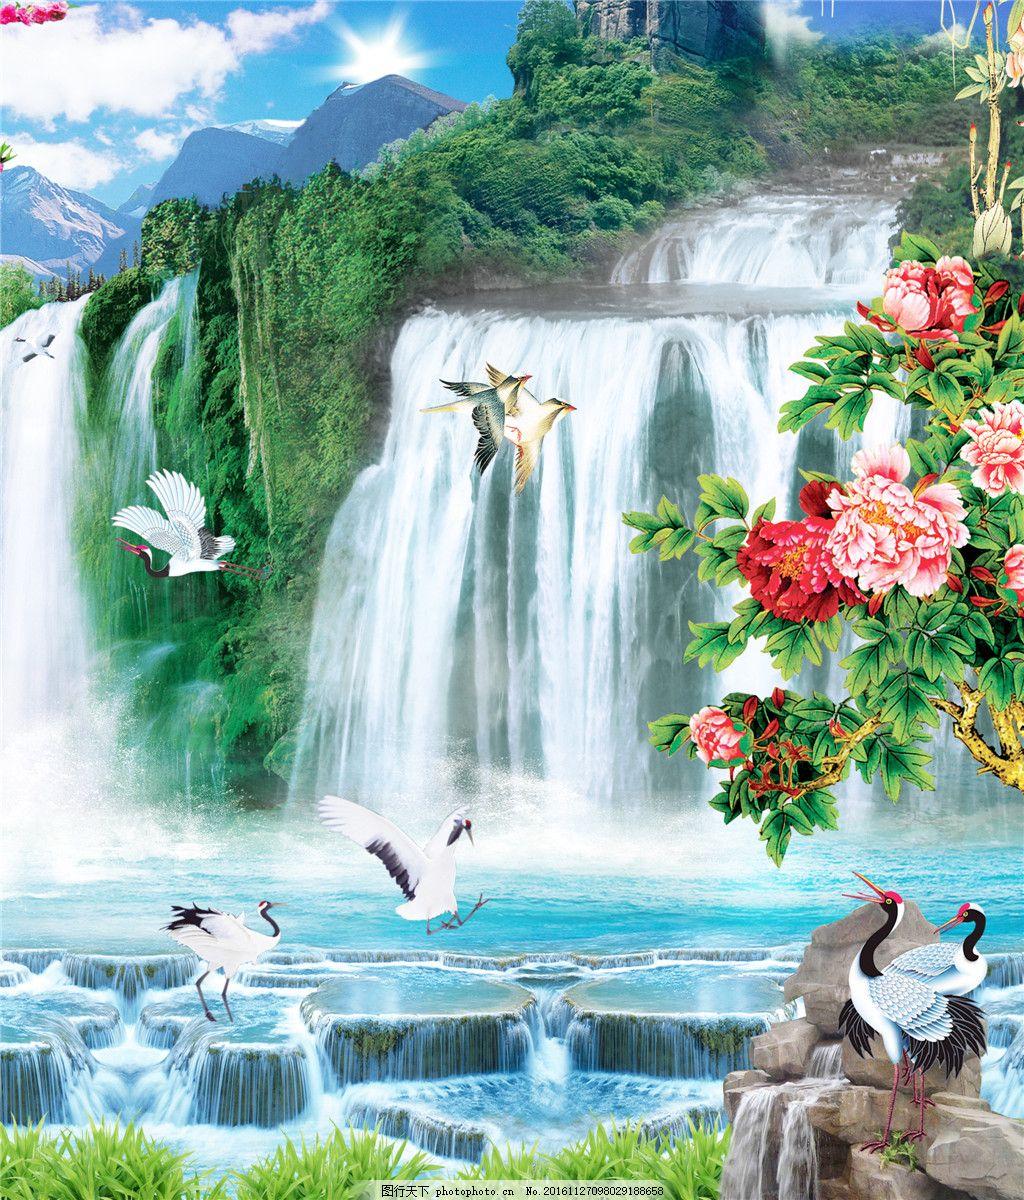 壁纸 风景 国画 旅游 瀑布 山水 桌面 1024_1200